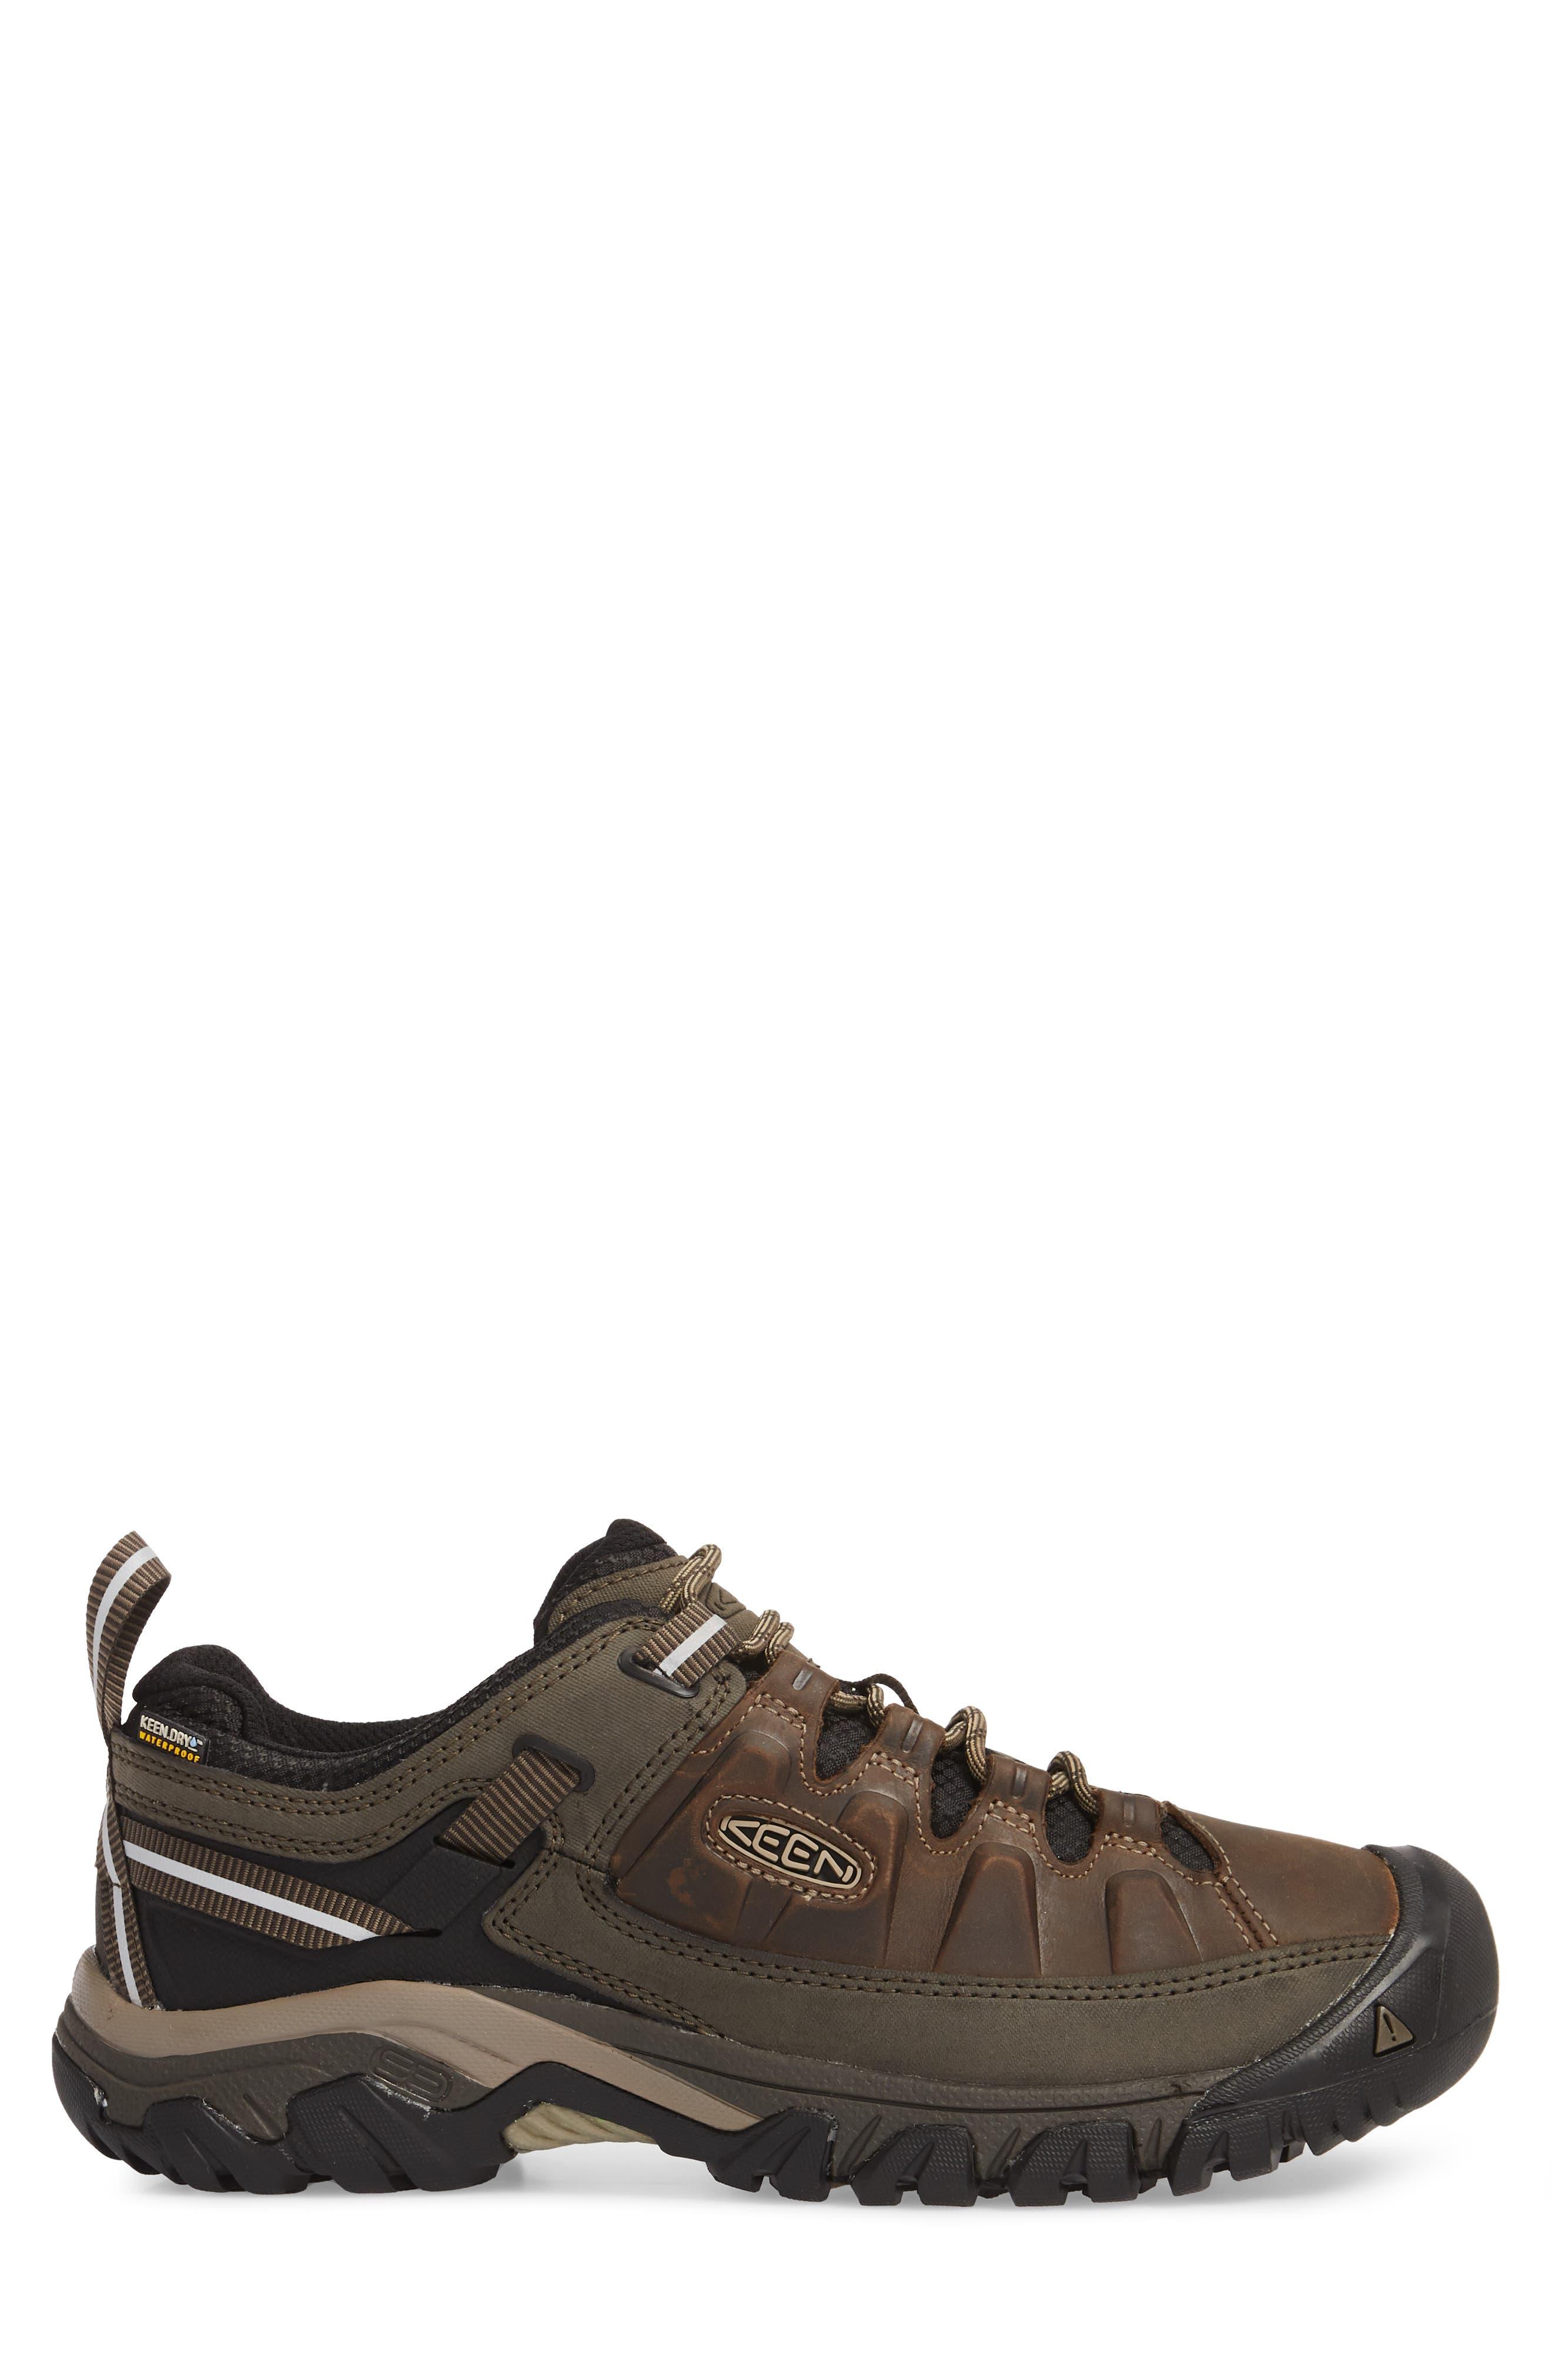 Targhee III Waterproof Hiking Shoe,                             Alternate thumbnail 3, color,                             Bungee Cord/Black